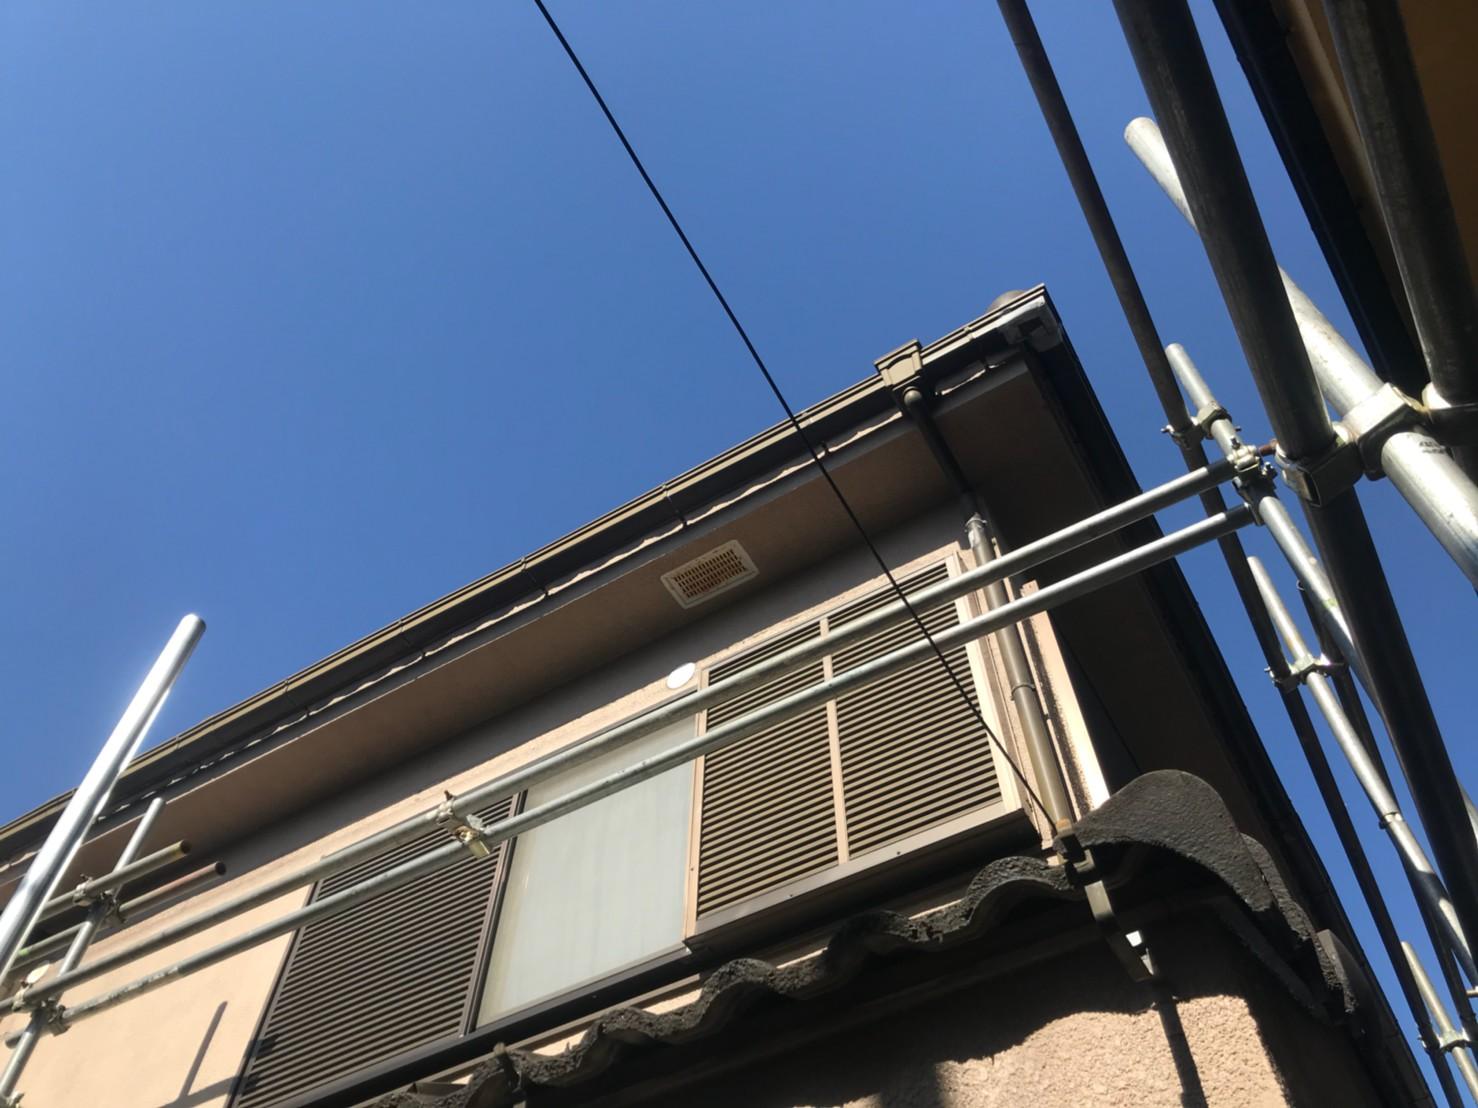 神奈川県横浜市で火災保険申請による雨樋無料修理2